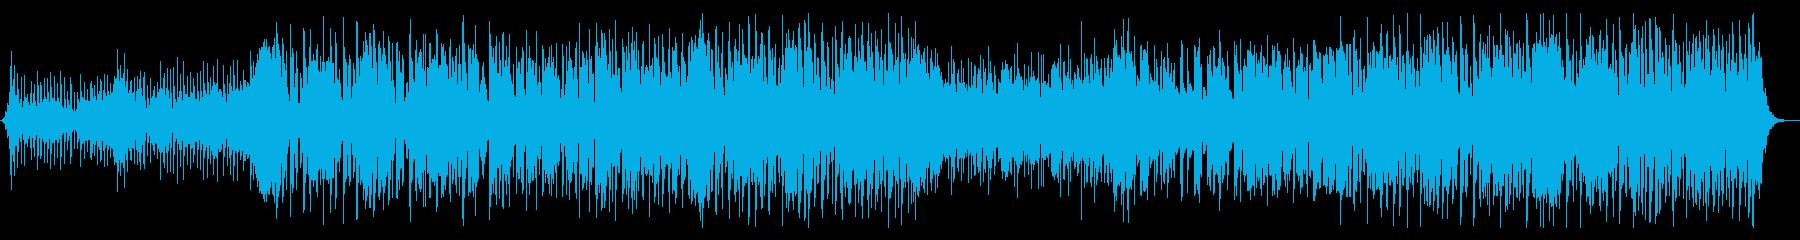 篠笛がカッコいい祭り囃子エレクトロニカの再生済みの波形